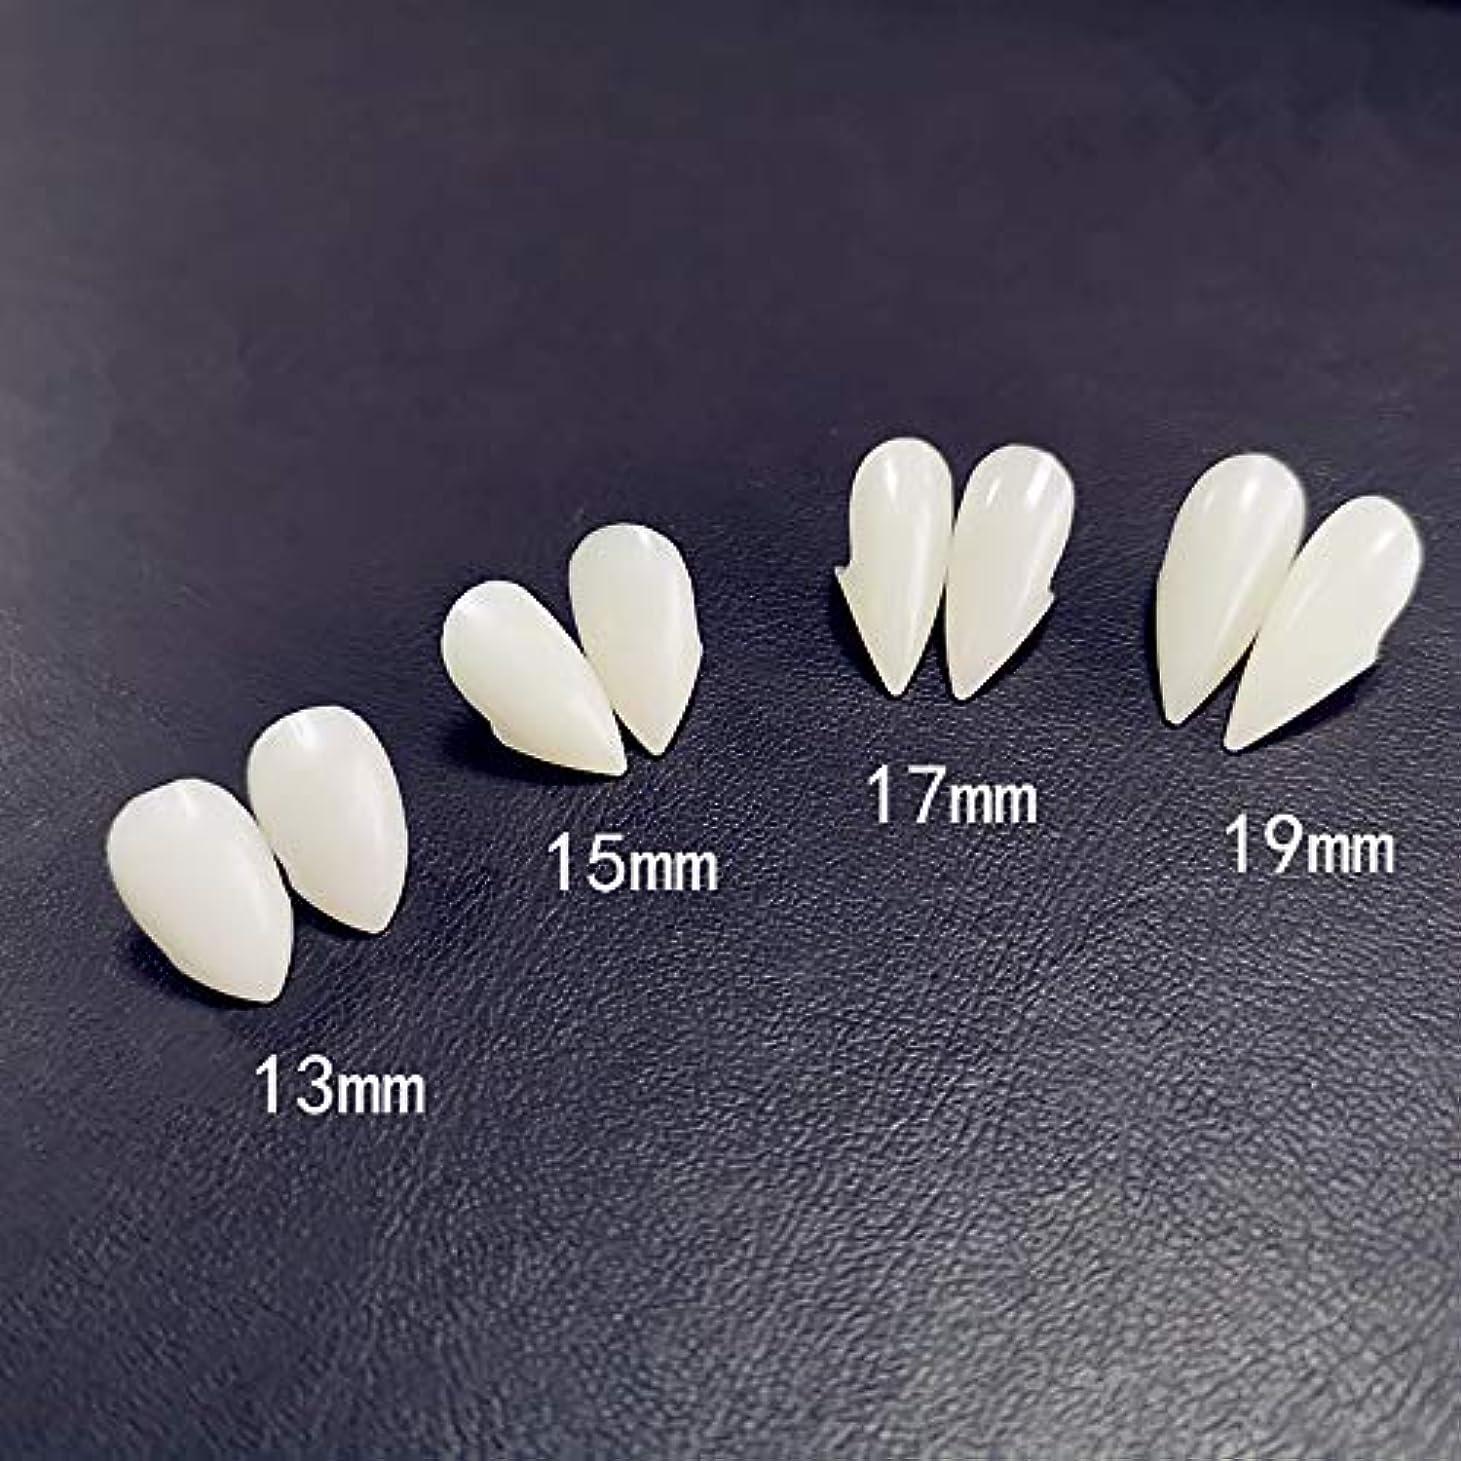 データムスクリュー別の4サイズ義歯歯牙牙義歯小道具ハロウィンコスチューム小道具パーティーの好意休日diy装飾ホラー大人のための子供-6ペア,19mm